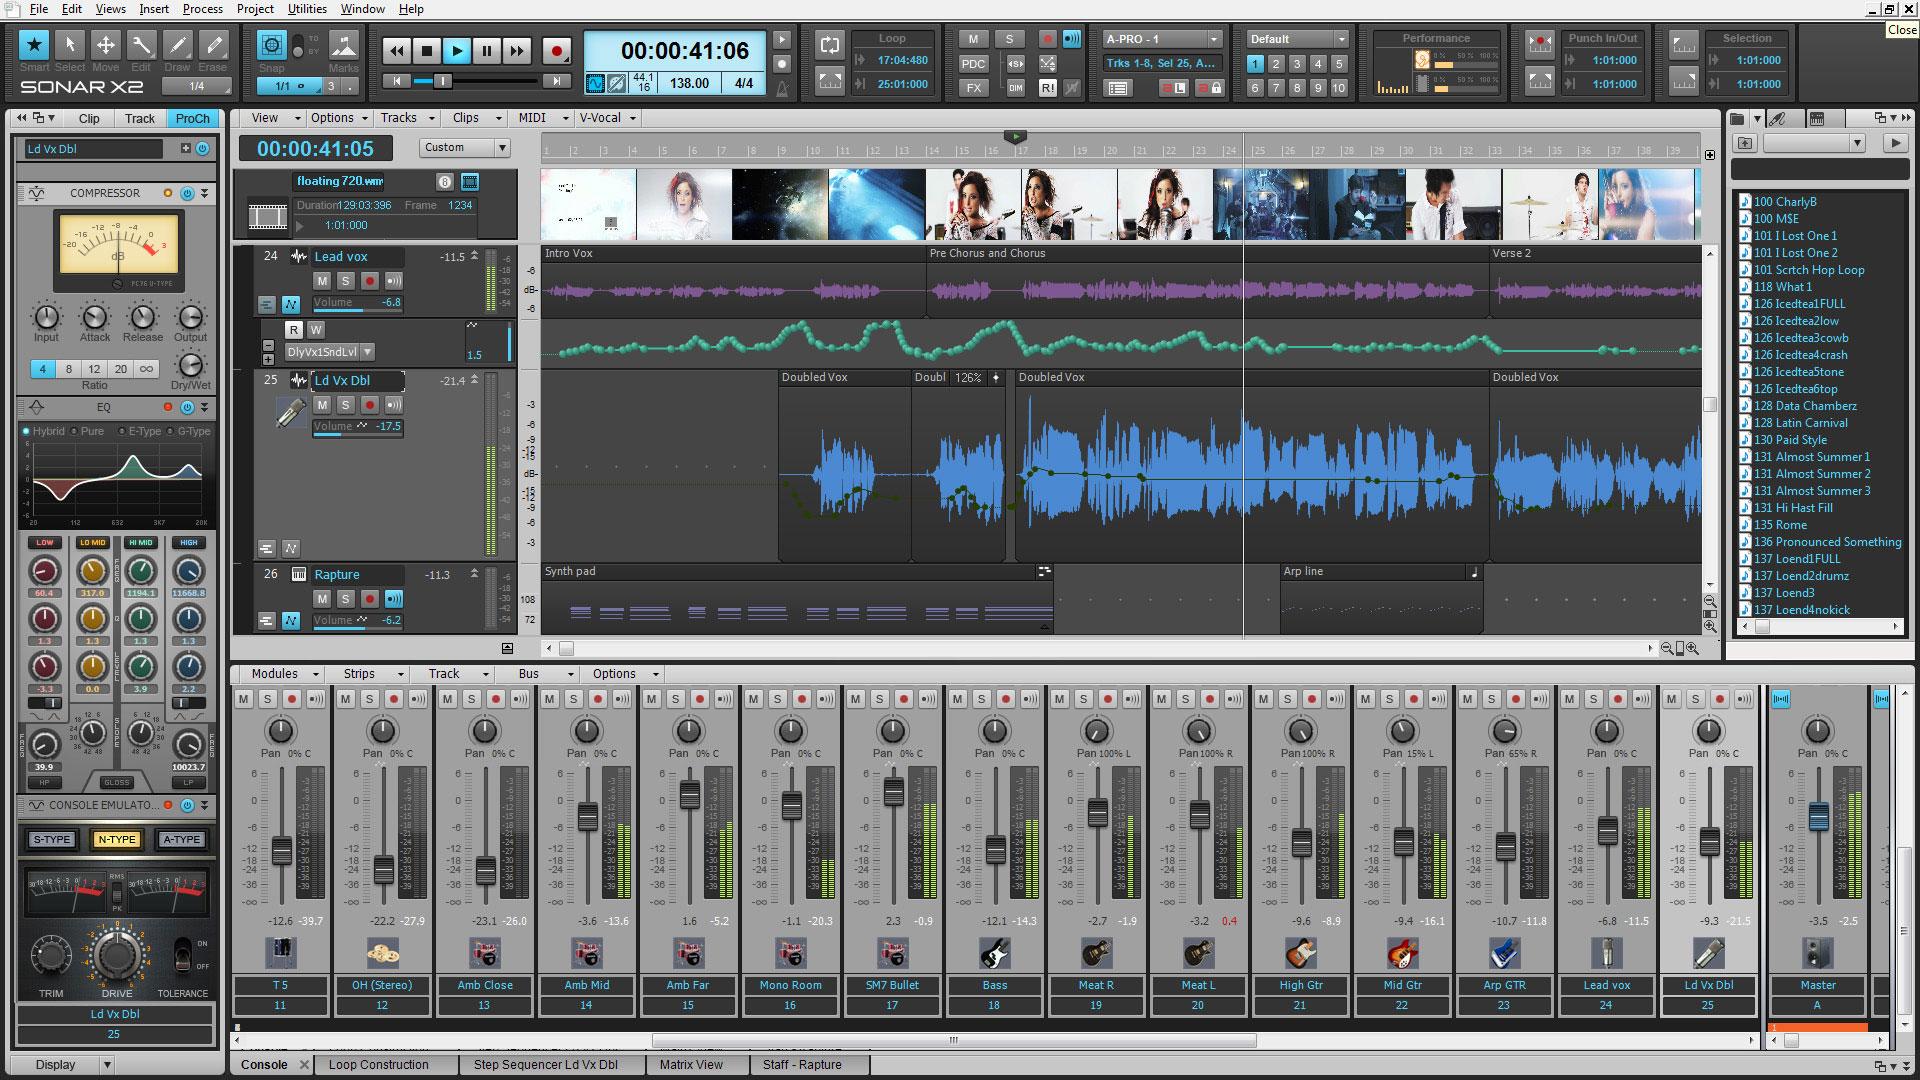 Roland Pro A/V - CAK-X2P-REAC | Cakewalk SONAR X2 Producer